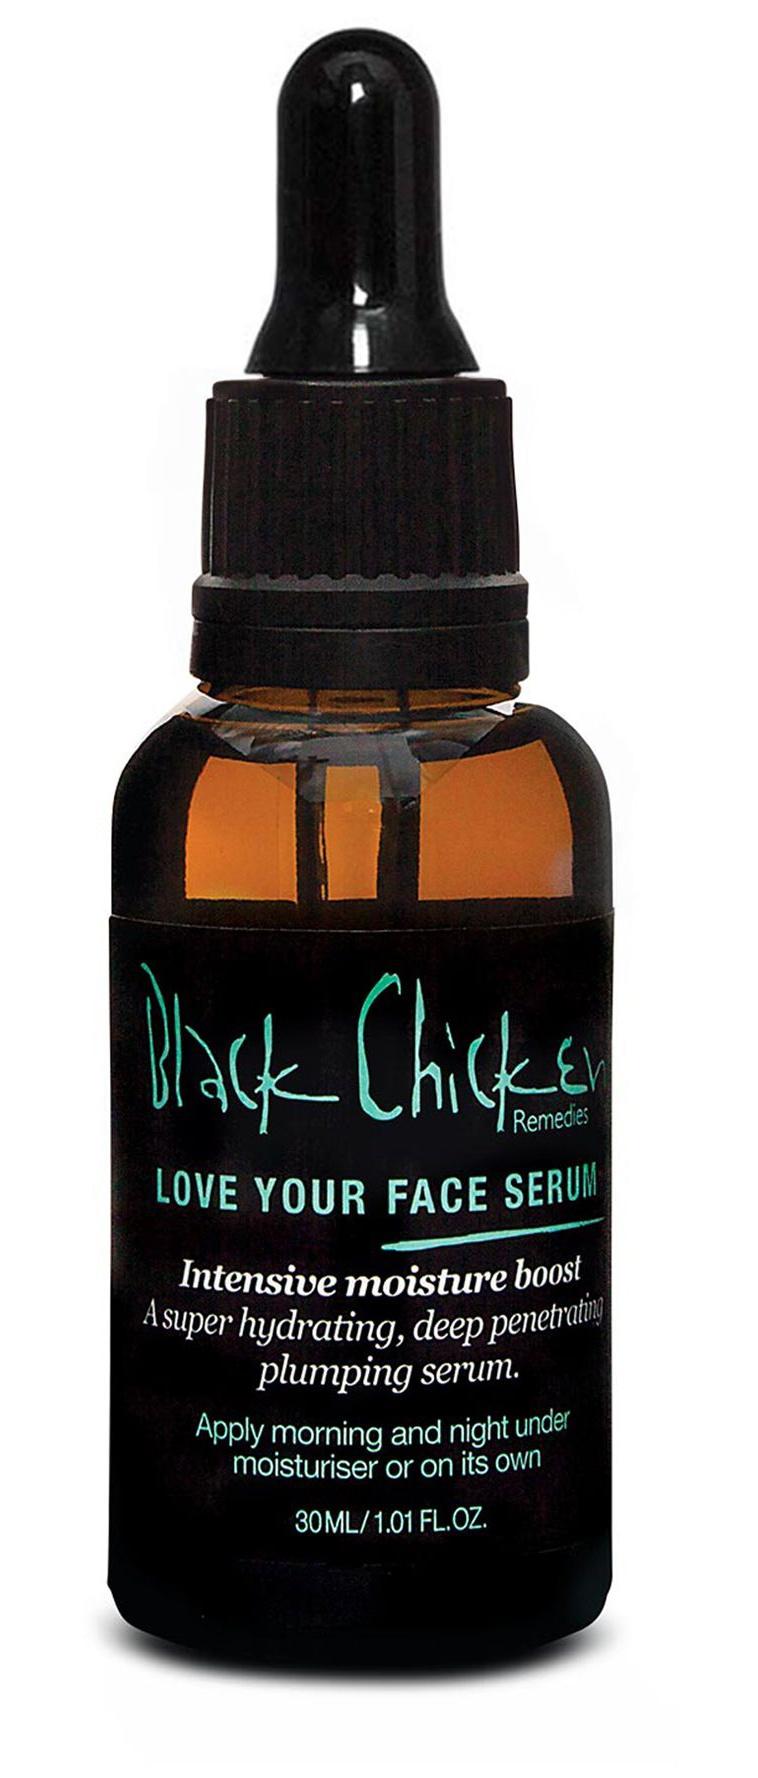 Black chicken Love Your Face Serum